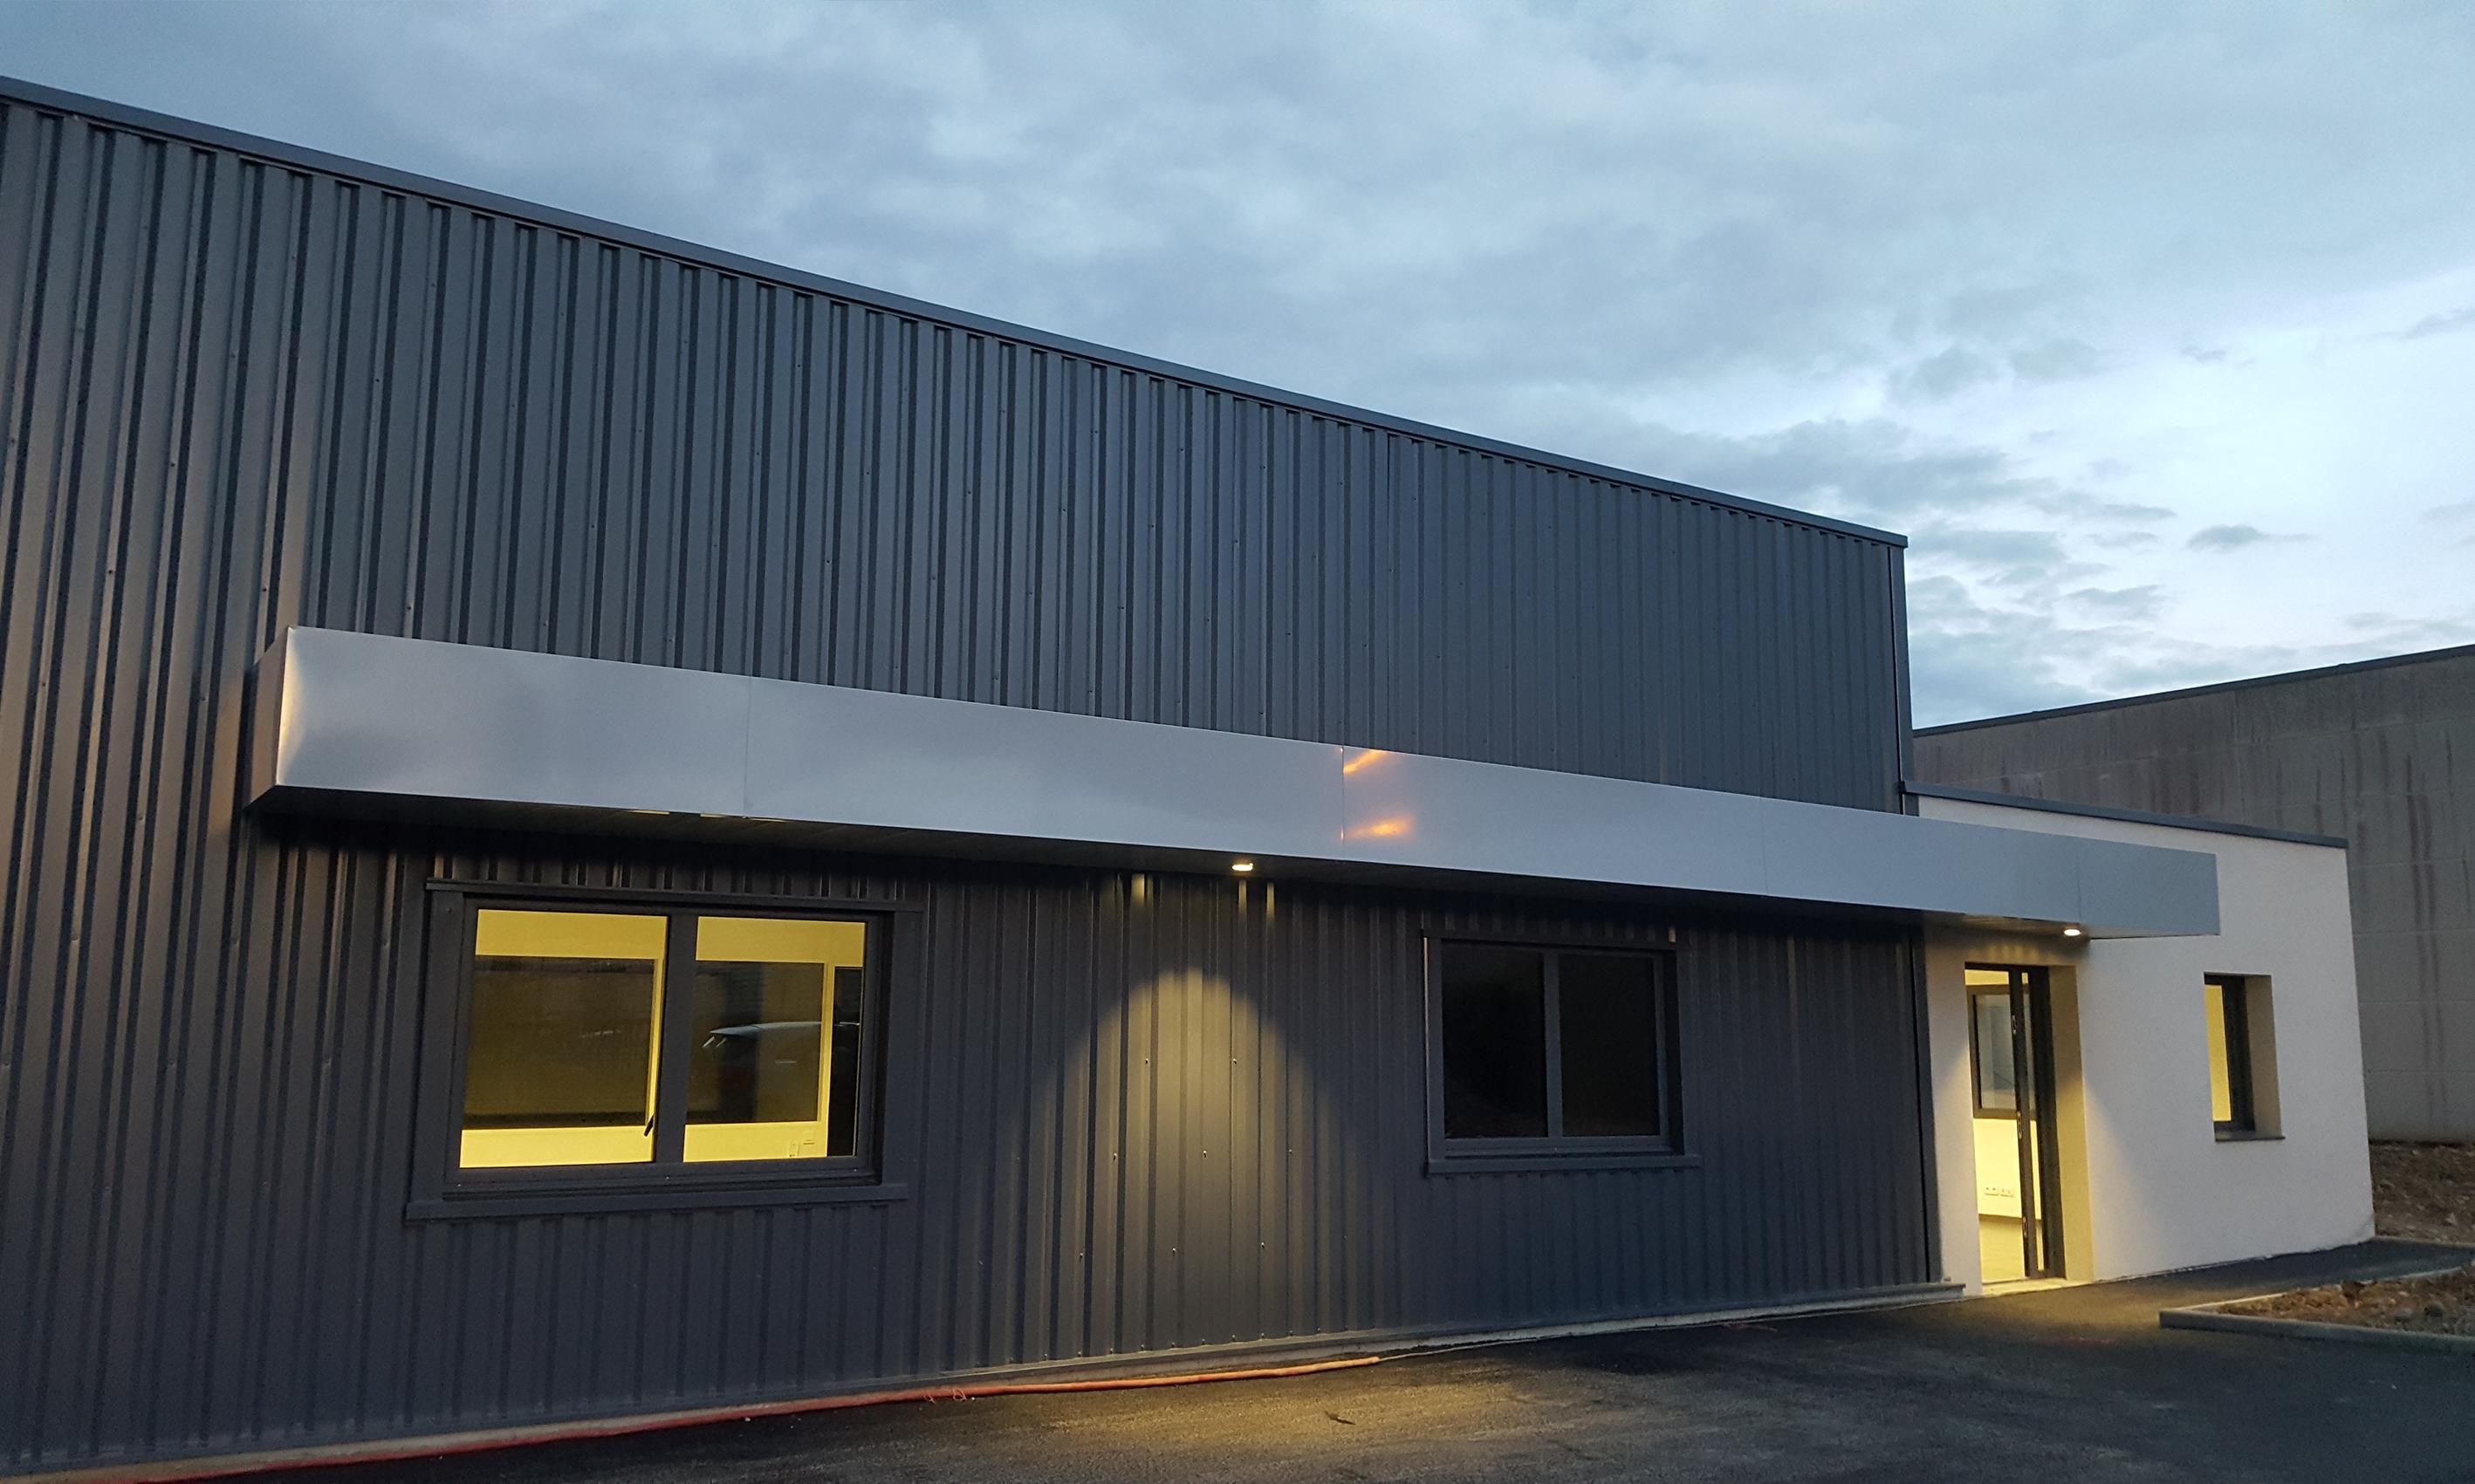 Facade batiment industriel architecte batiment industriel for Plan de batiment industriel